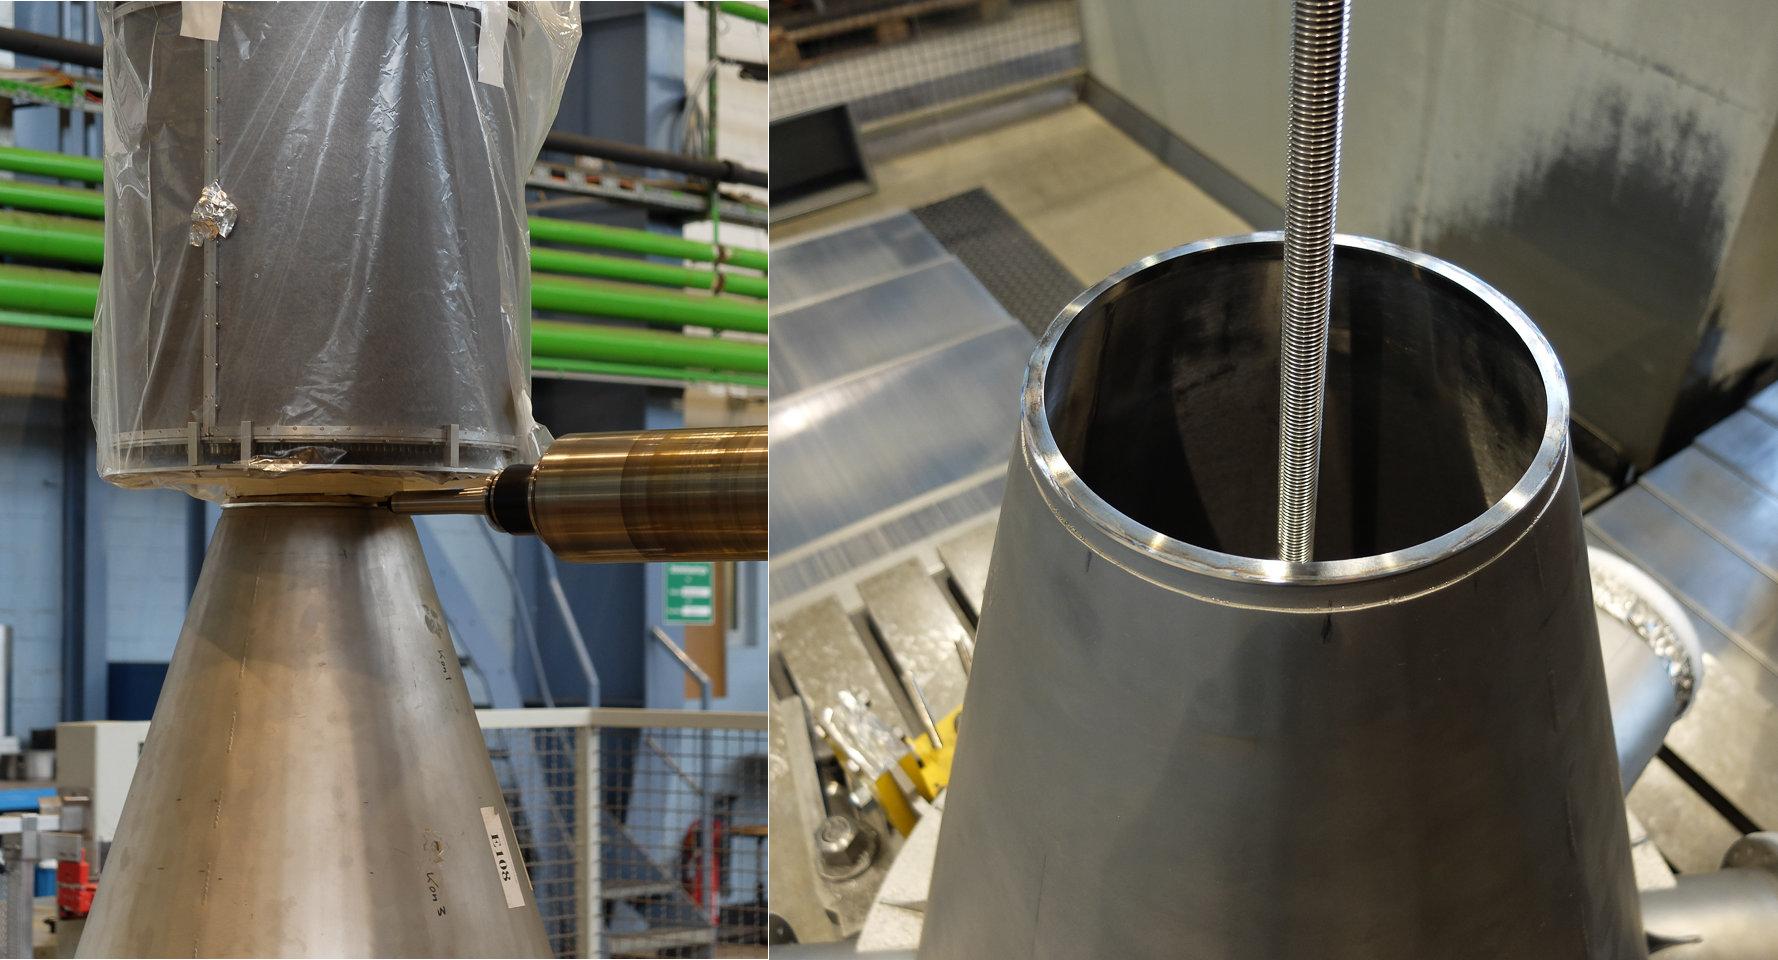 Der Konus wird in der Zentralwerkstatt bearbeitet (Bild: VH / Forschungszentrum)